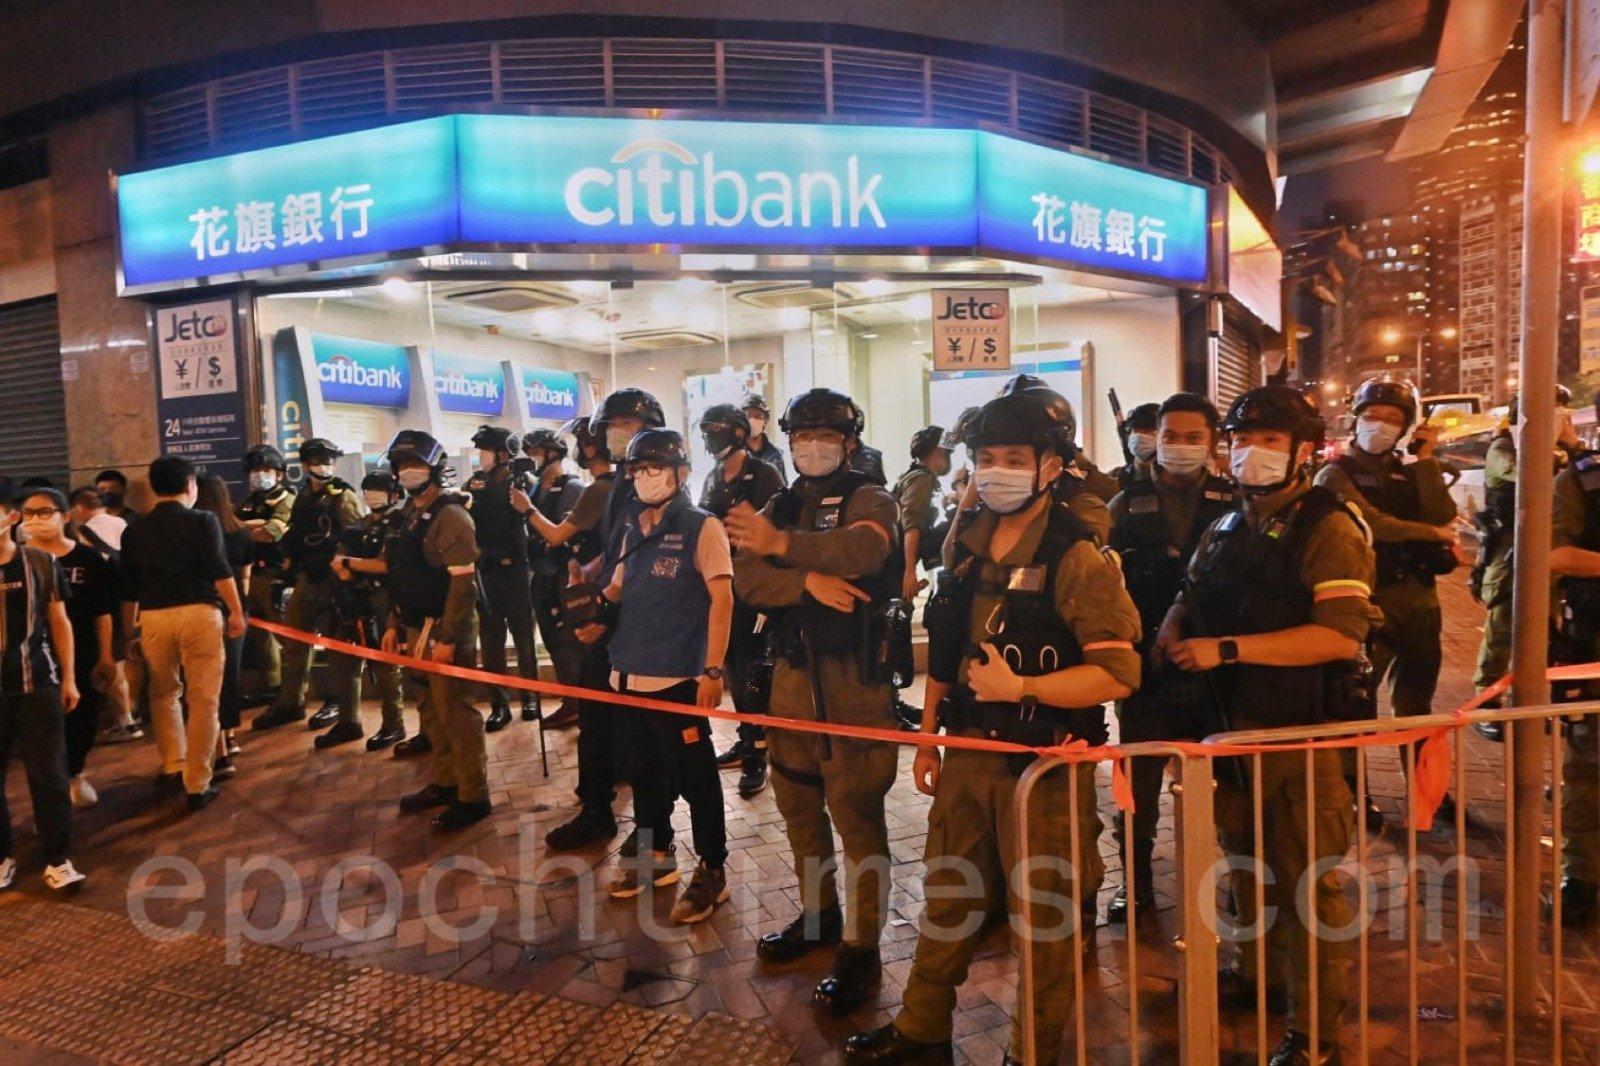 防暴警察在花旗銀行附近戒備。(宋碧龍/大紀元)